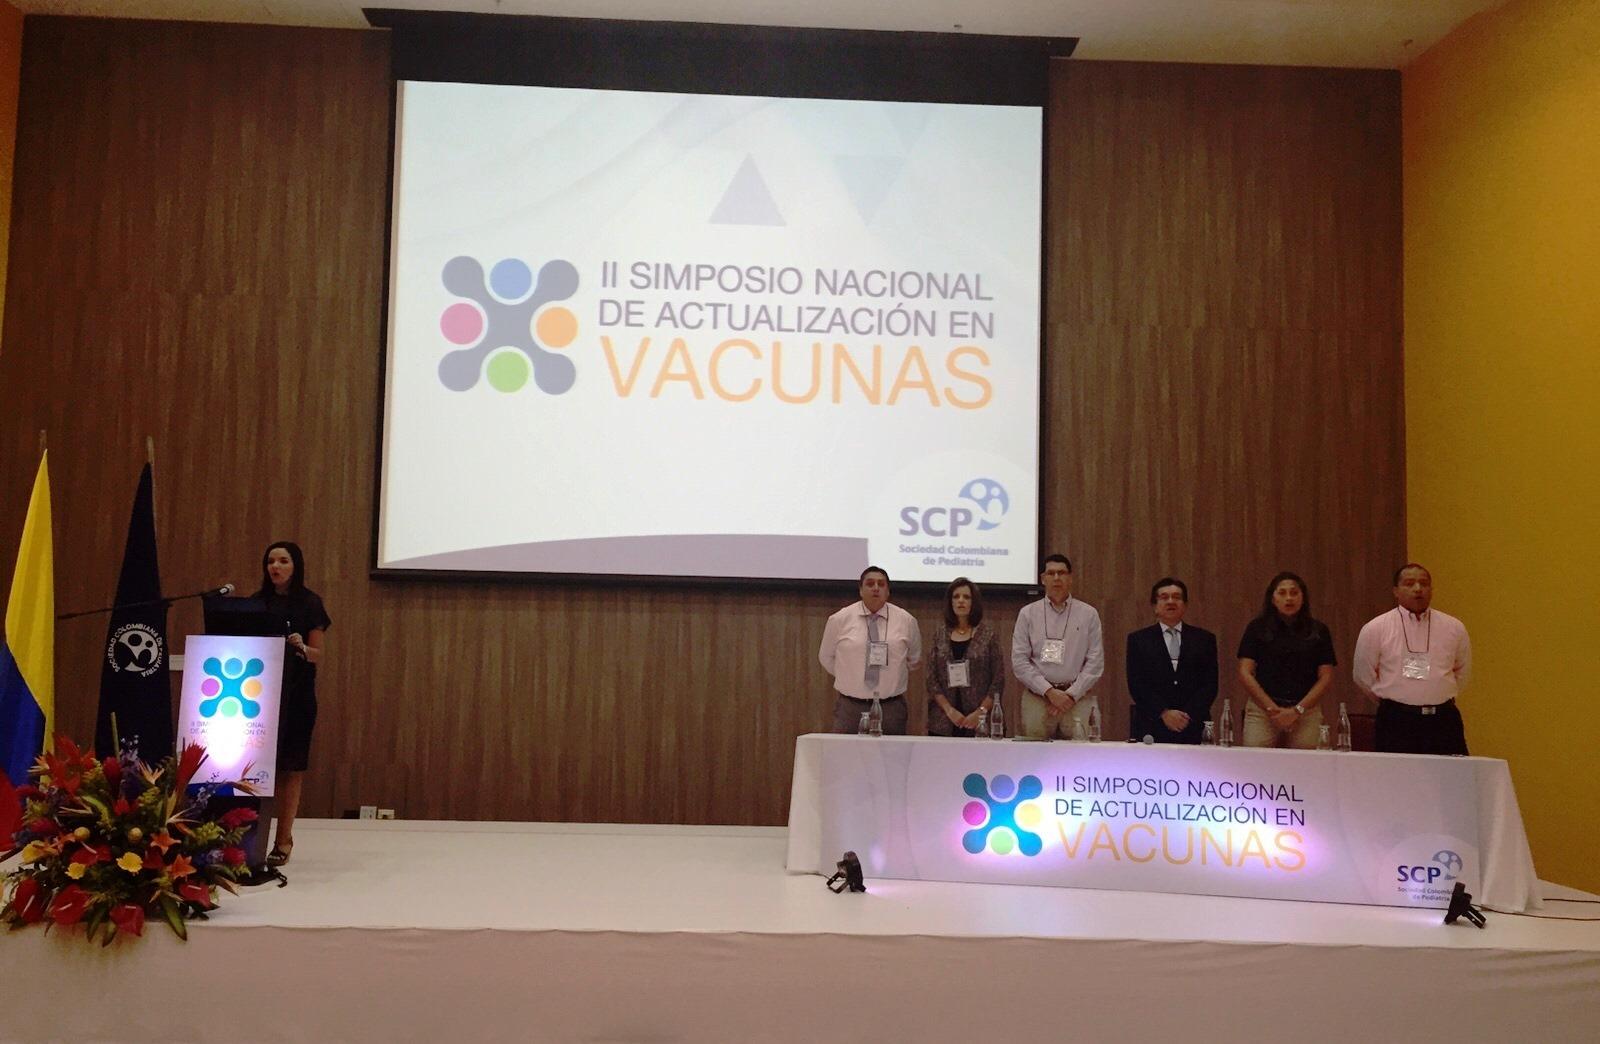 Barranquilla recibió a los participantes del II Simposio Nacional de Actualización en Vacunas